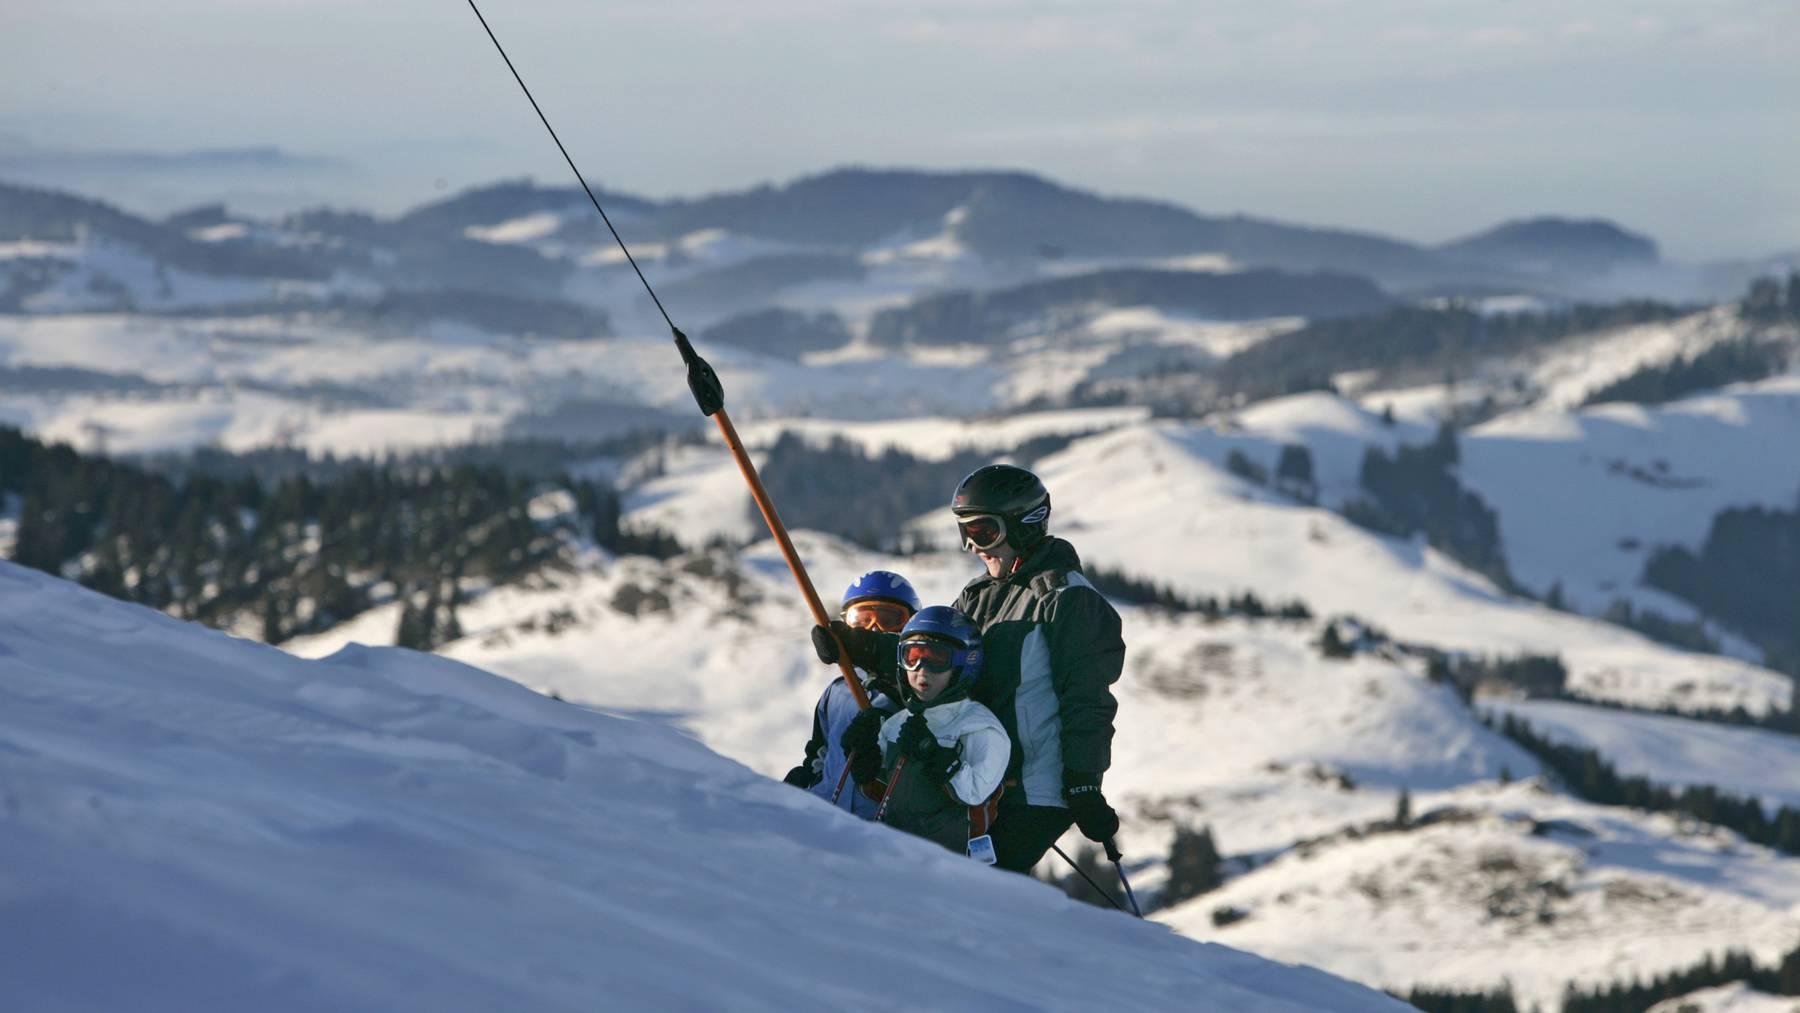 Die Skisaison ist noch zu weit weg.